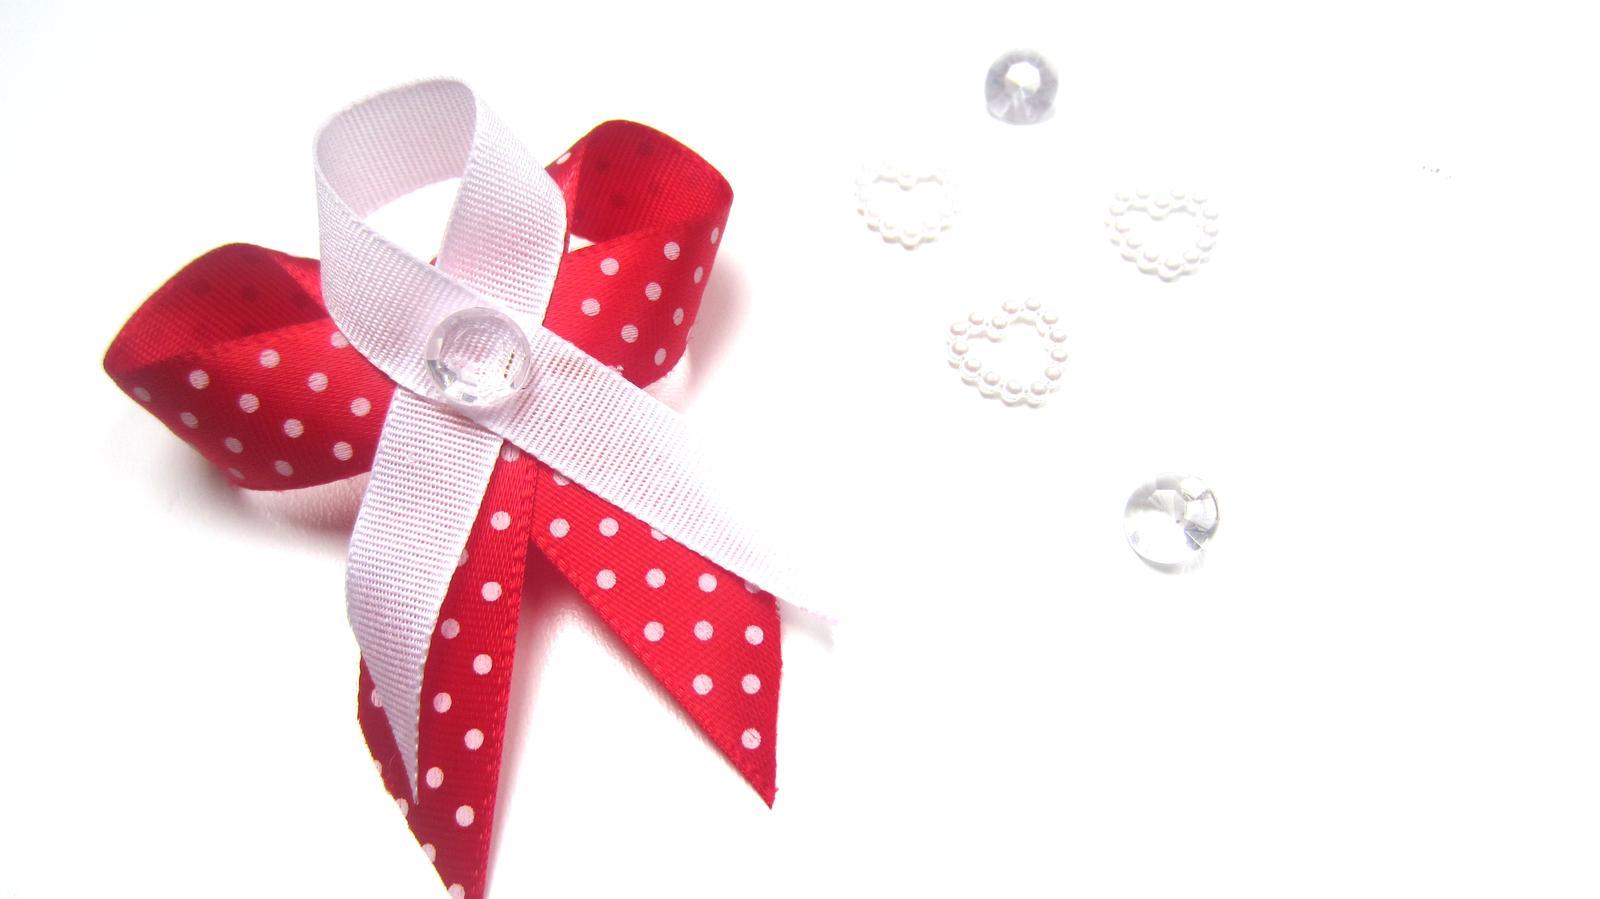 Červený s puntíky - Obrázek č. 1